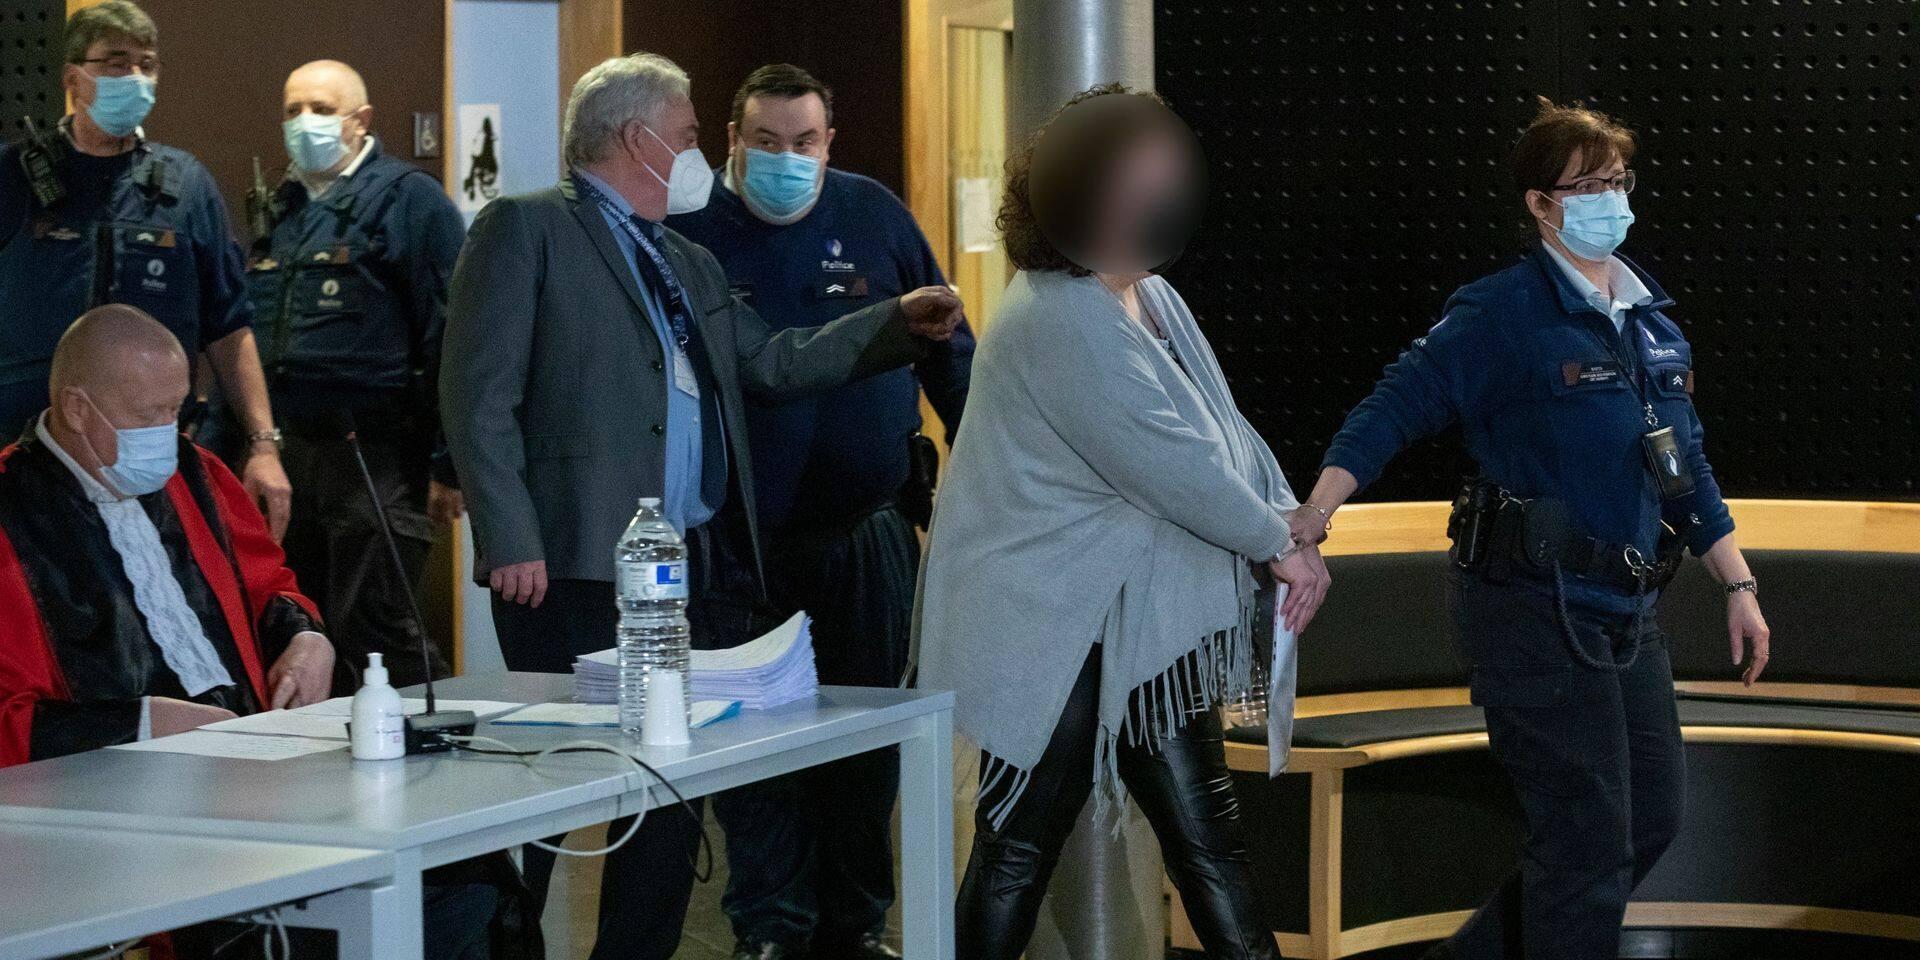 Assises Hainaut : La peine de réclusion criminelle à perpétuité réclamée contre Marjorie Leclercq